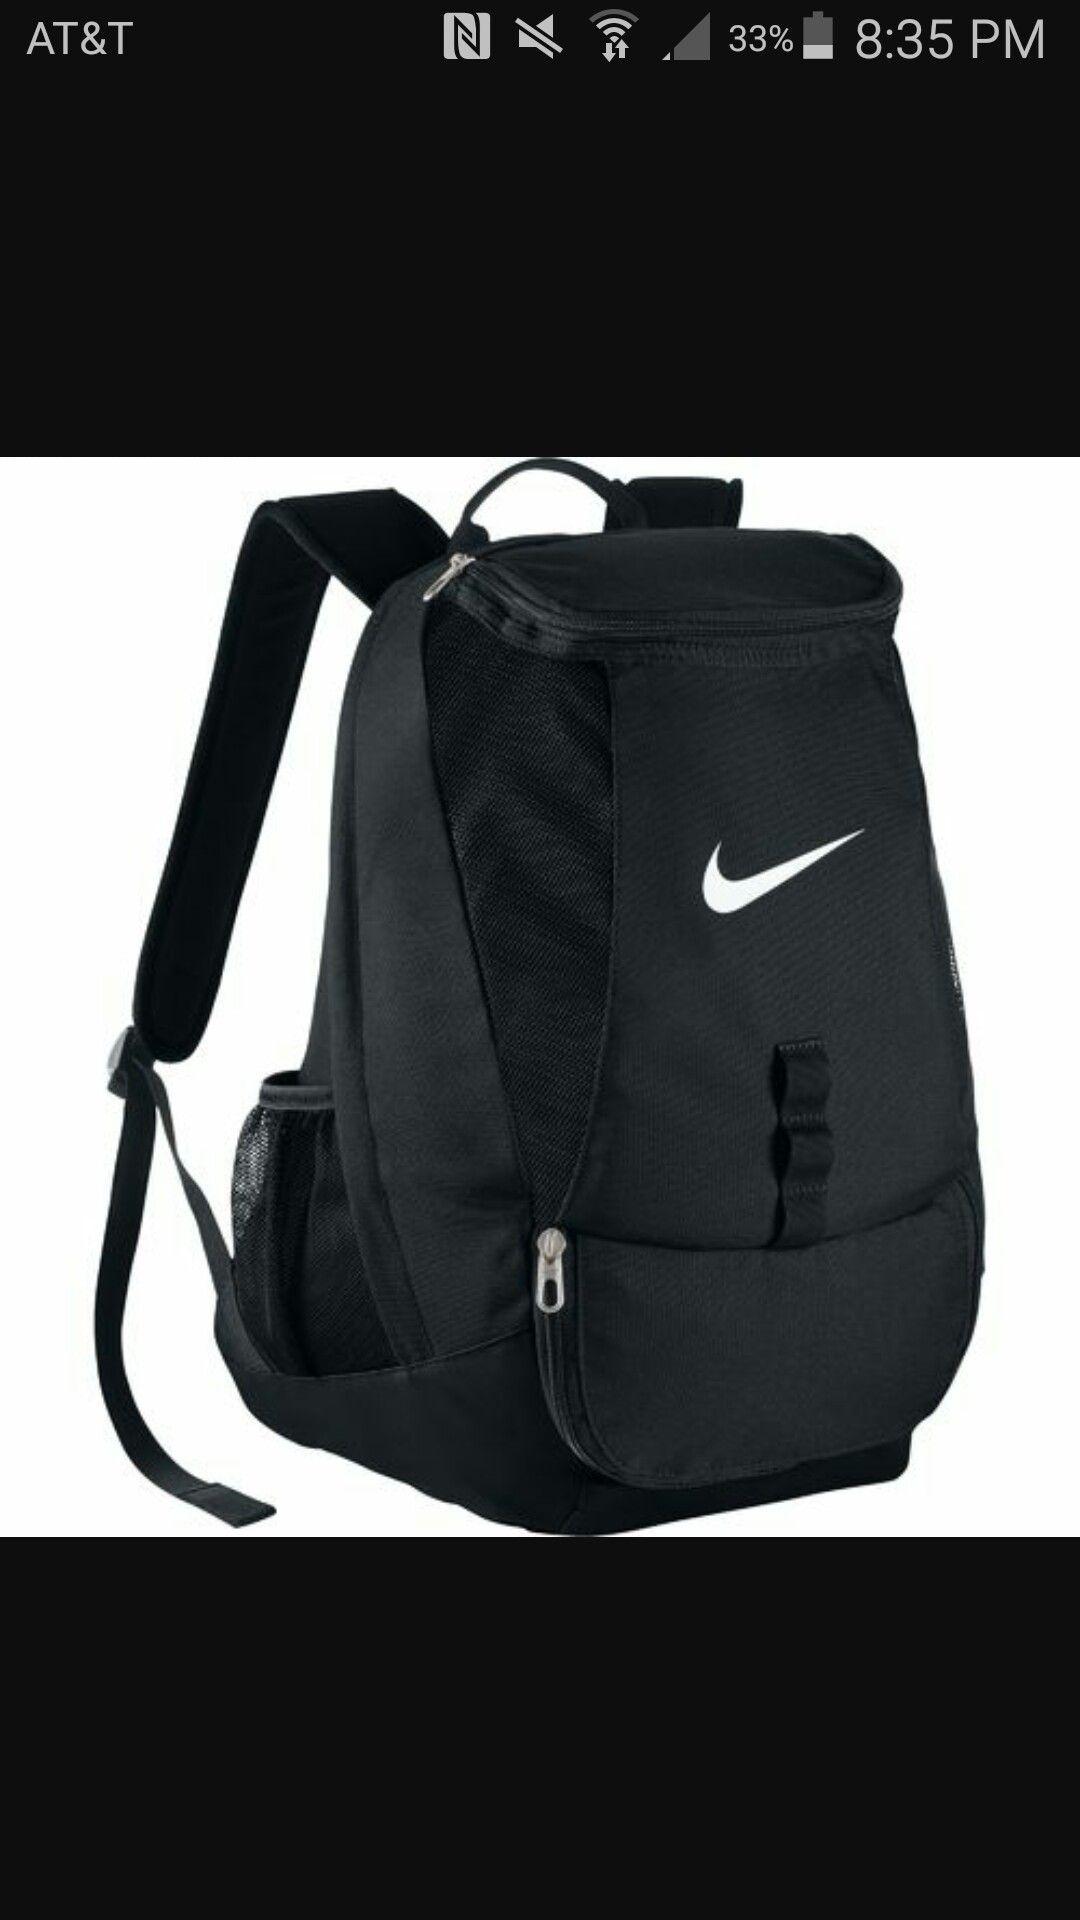 Soccer image by Maylynn 260 Soccer backpack, Nike soccer